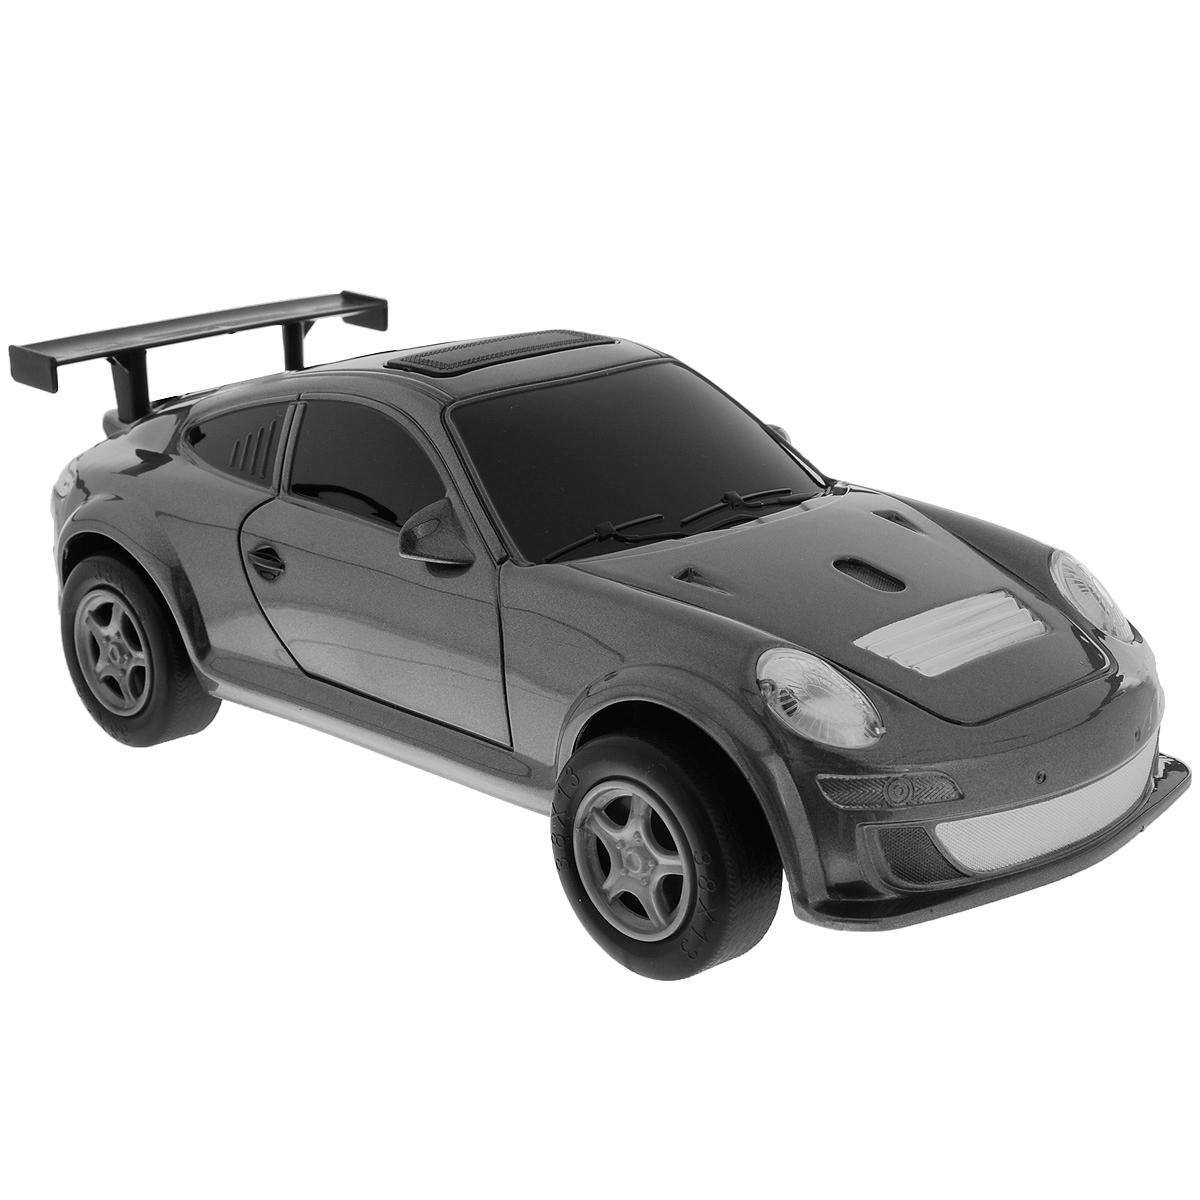 Пламенный мотор Машинка инерционная Порше цвет серый87428_серыйИгрушечный автомобиль Пламенный мотор с инерционным механизмом обязательно понравится вашему малышу. Он привлечет внимание вашего ребенка и надолго останется его любимой игрушкой. Машинка выполнена из пластмассы с элементами металла. Благодаря инерционному механизму игрушка может двигаться самостоятельно, стоит только откатить машинку назад, а затем отпустить, и она поедет вперед. Игрушка развивает концентрацию внимания, координацию движений, мелкую моторику рук, цветовое восприятие и воображение. Малыш будет в восторге от такого подарка!